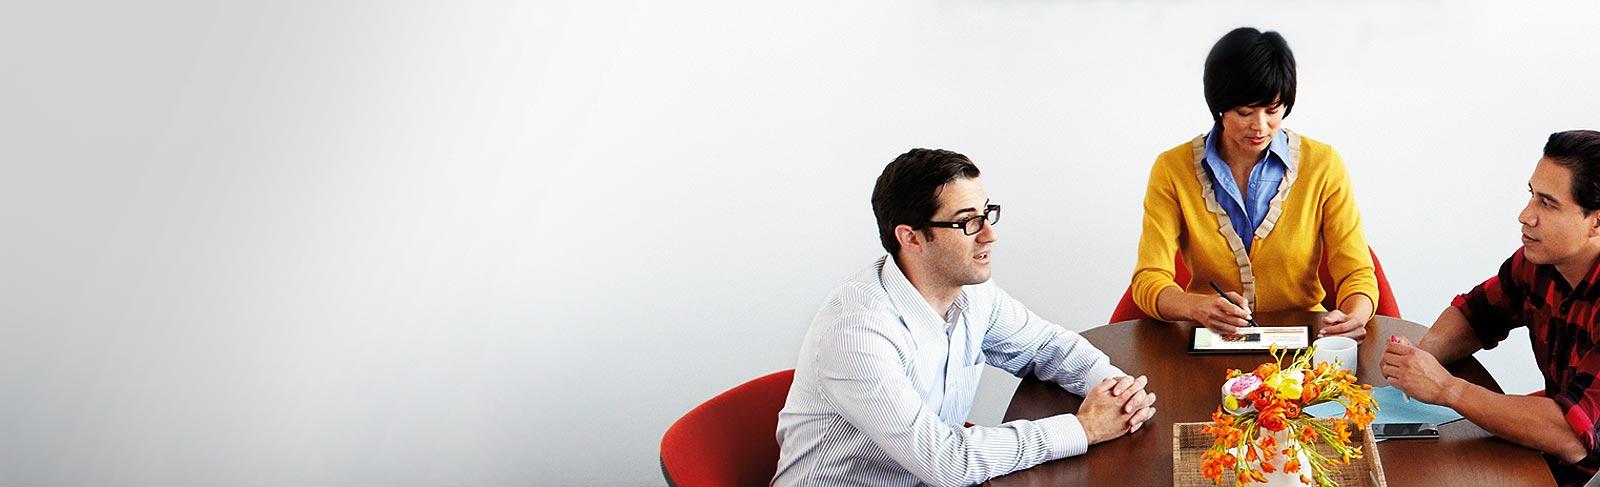 รับอีเมล ไซต์ และการประชุมสำหรับองค์กรของคุณได้ฟรีด้วย Office 365 Nonprofit